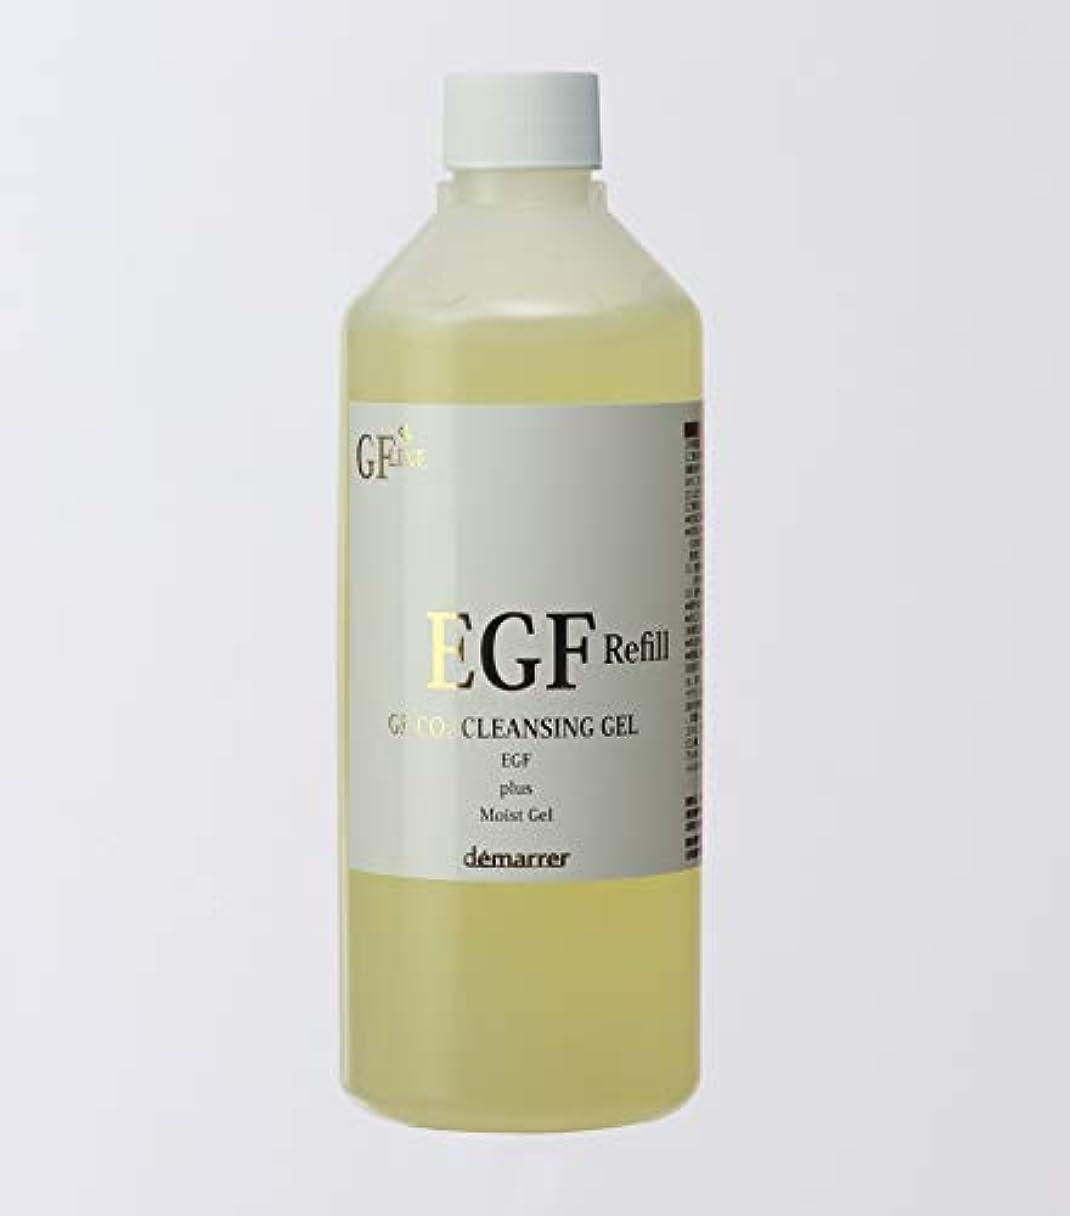 論争の的分析する支援するデマレ GF 炭酸洗顔クレンジング 400g レフィル